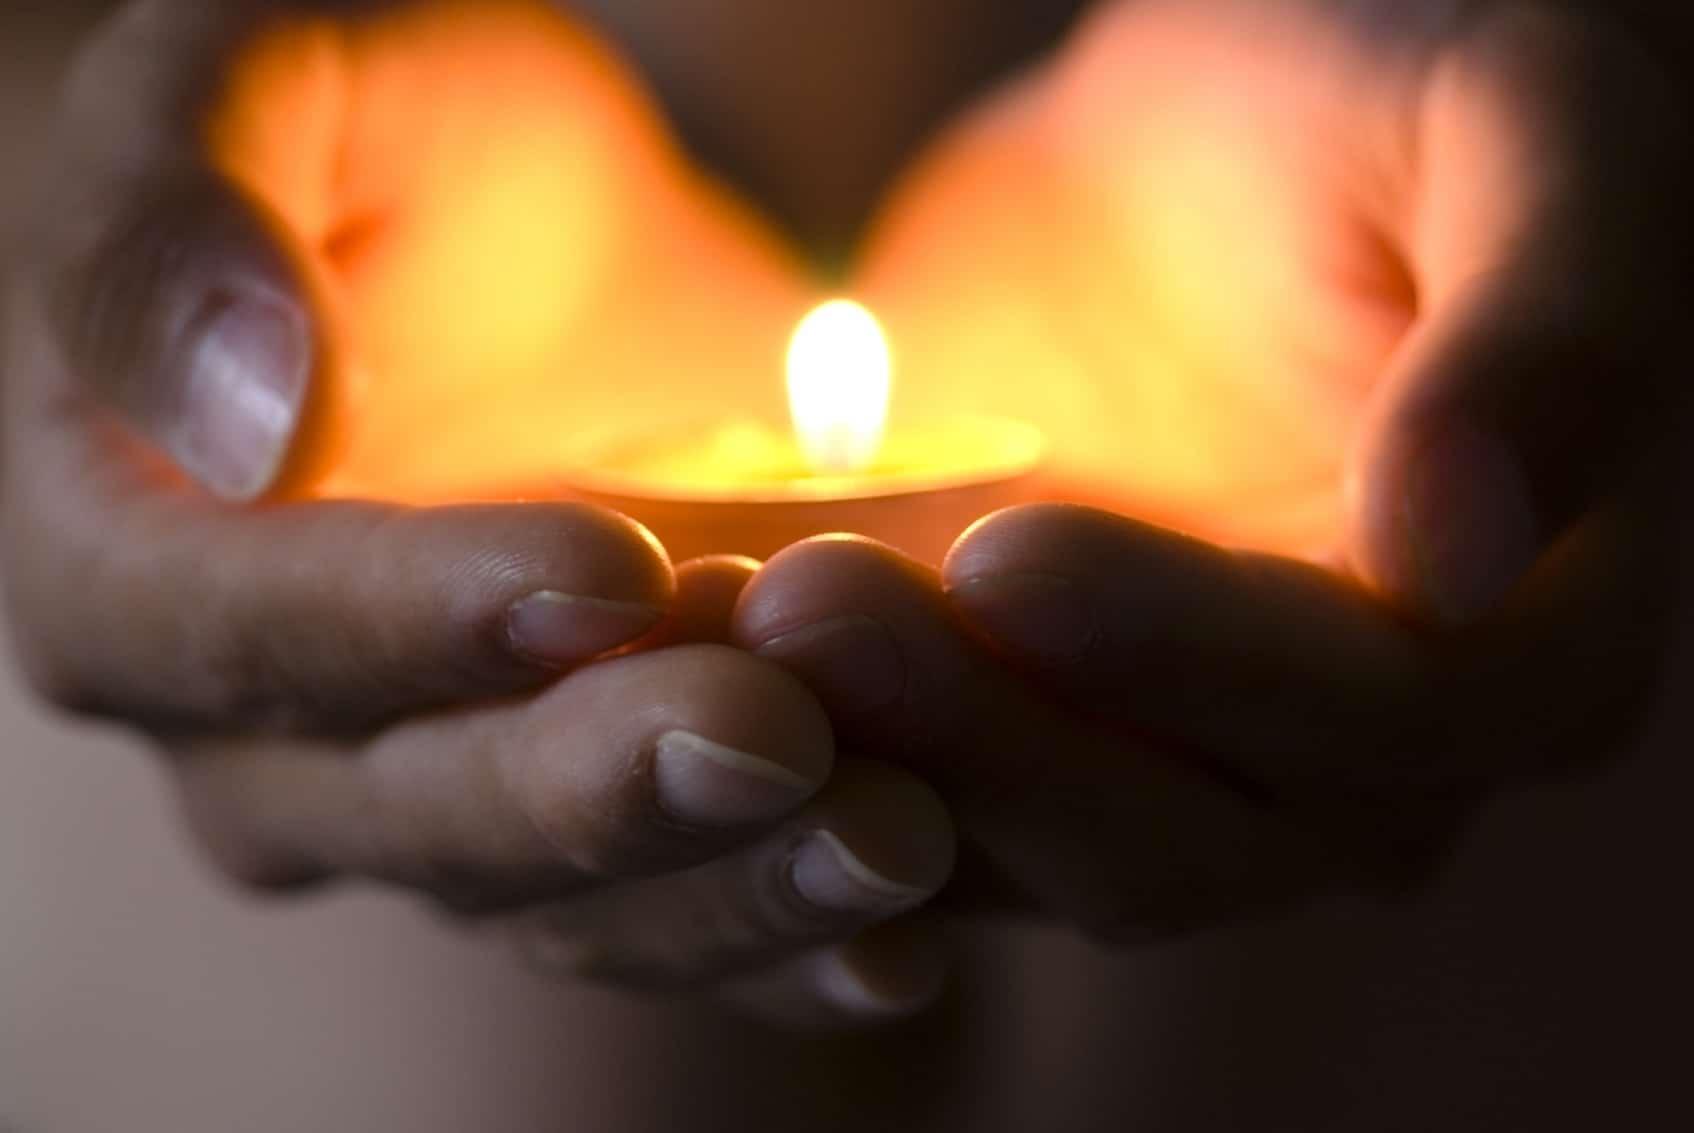 накладывают свет в сердце фото требуемой длины